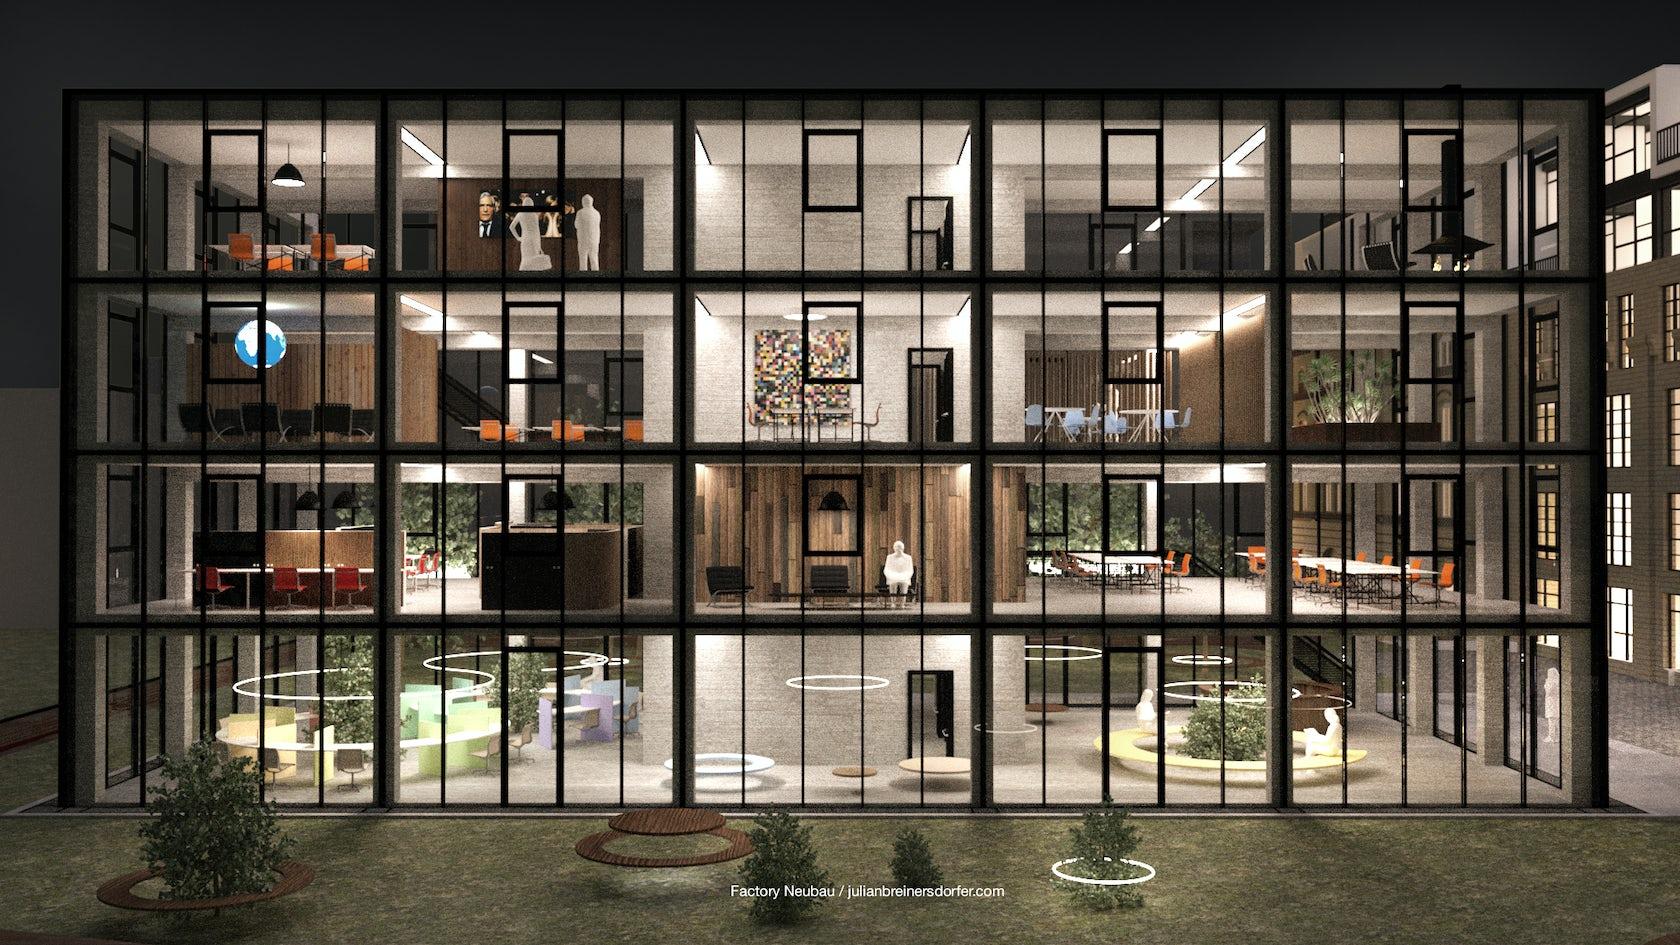 Factory Neubau on Architizer